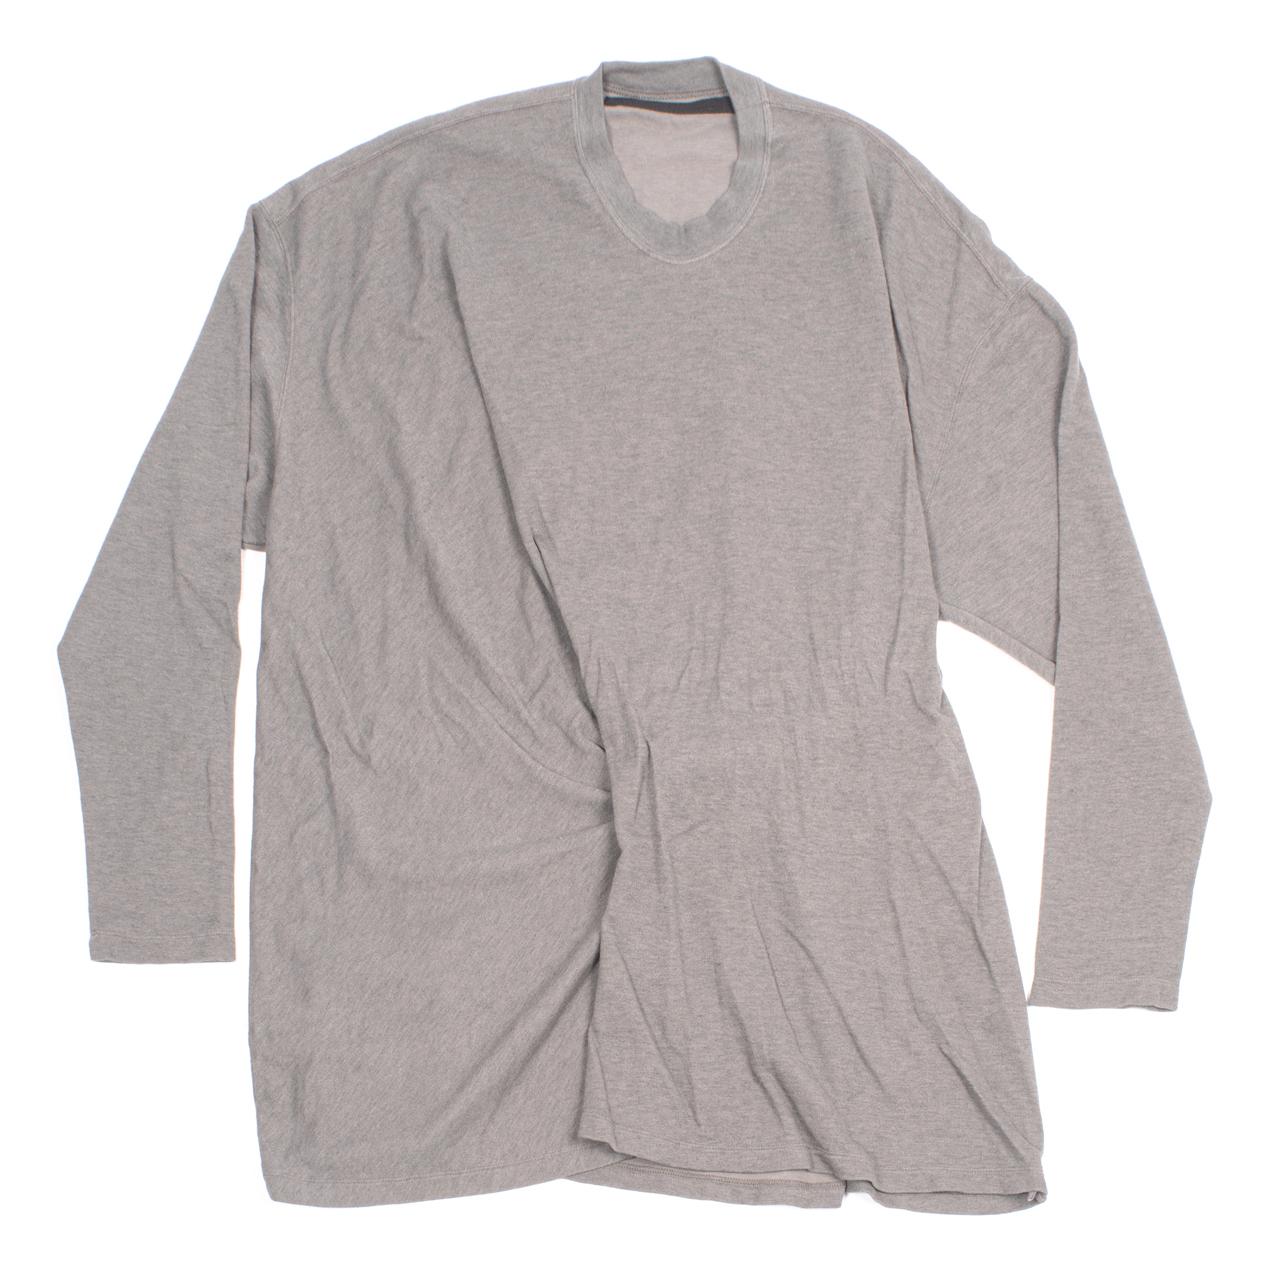 717CUM6-TAUPE / ドレープロングスリーブTシャツ